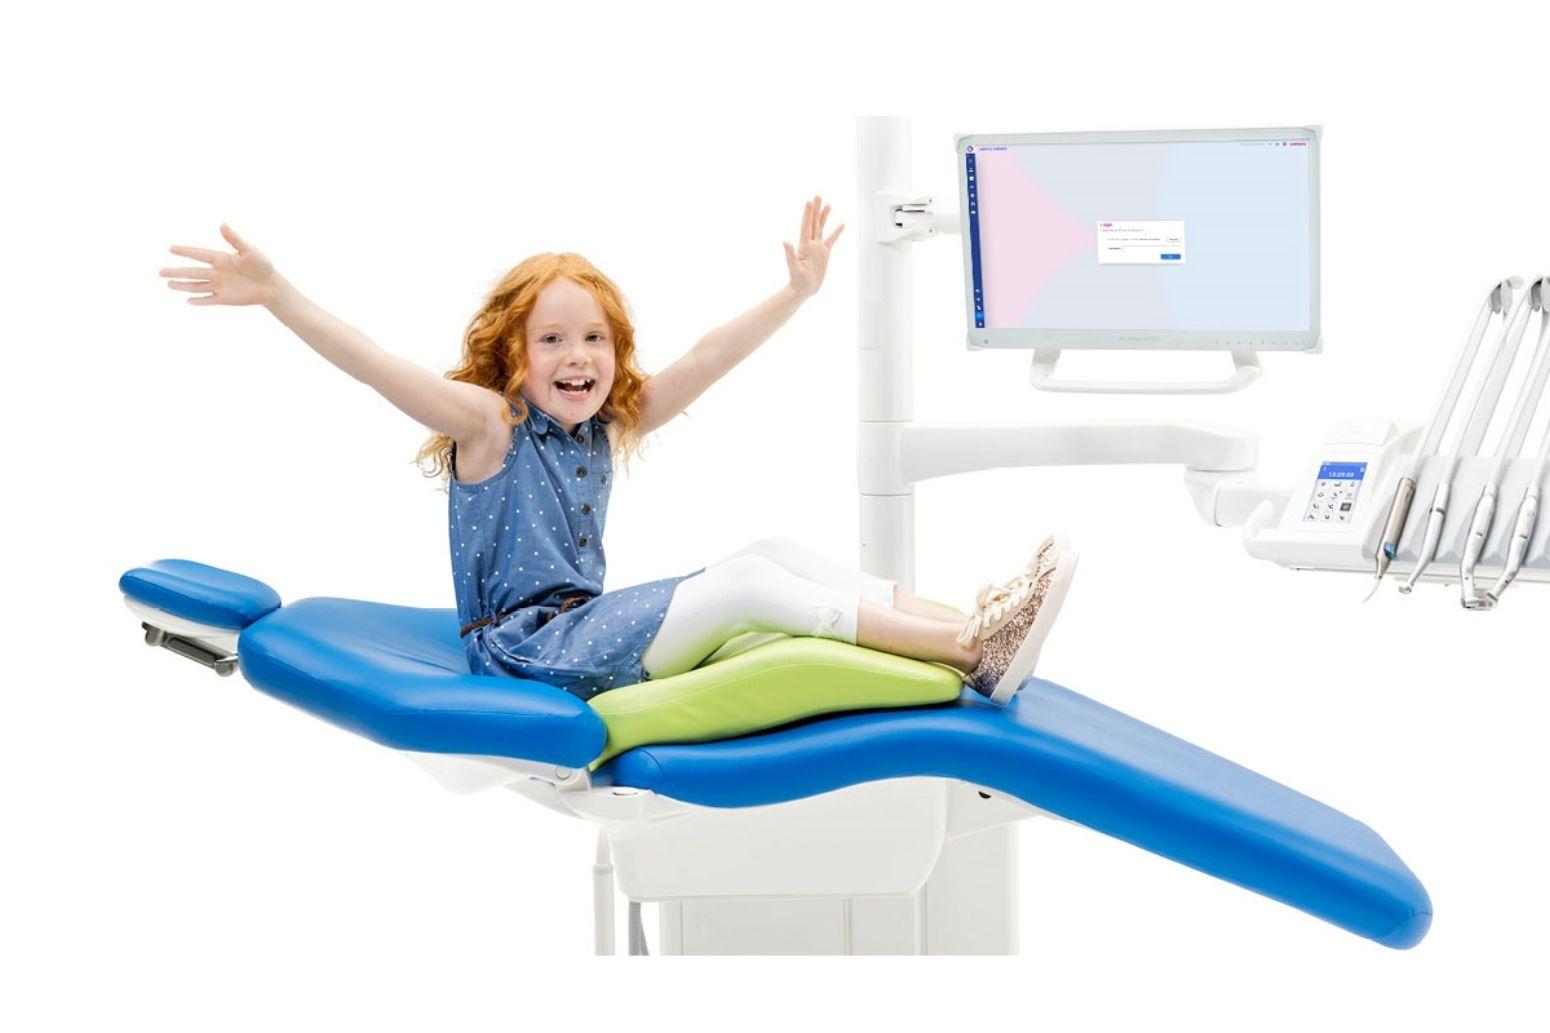 Glad pige sidder med armene udstrakt på en tandlæge unit og hun har en pude under sig, så hun sidder ergonomisk korrekt